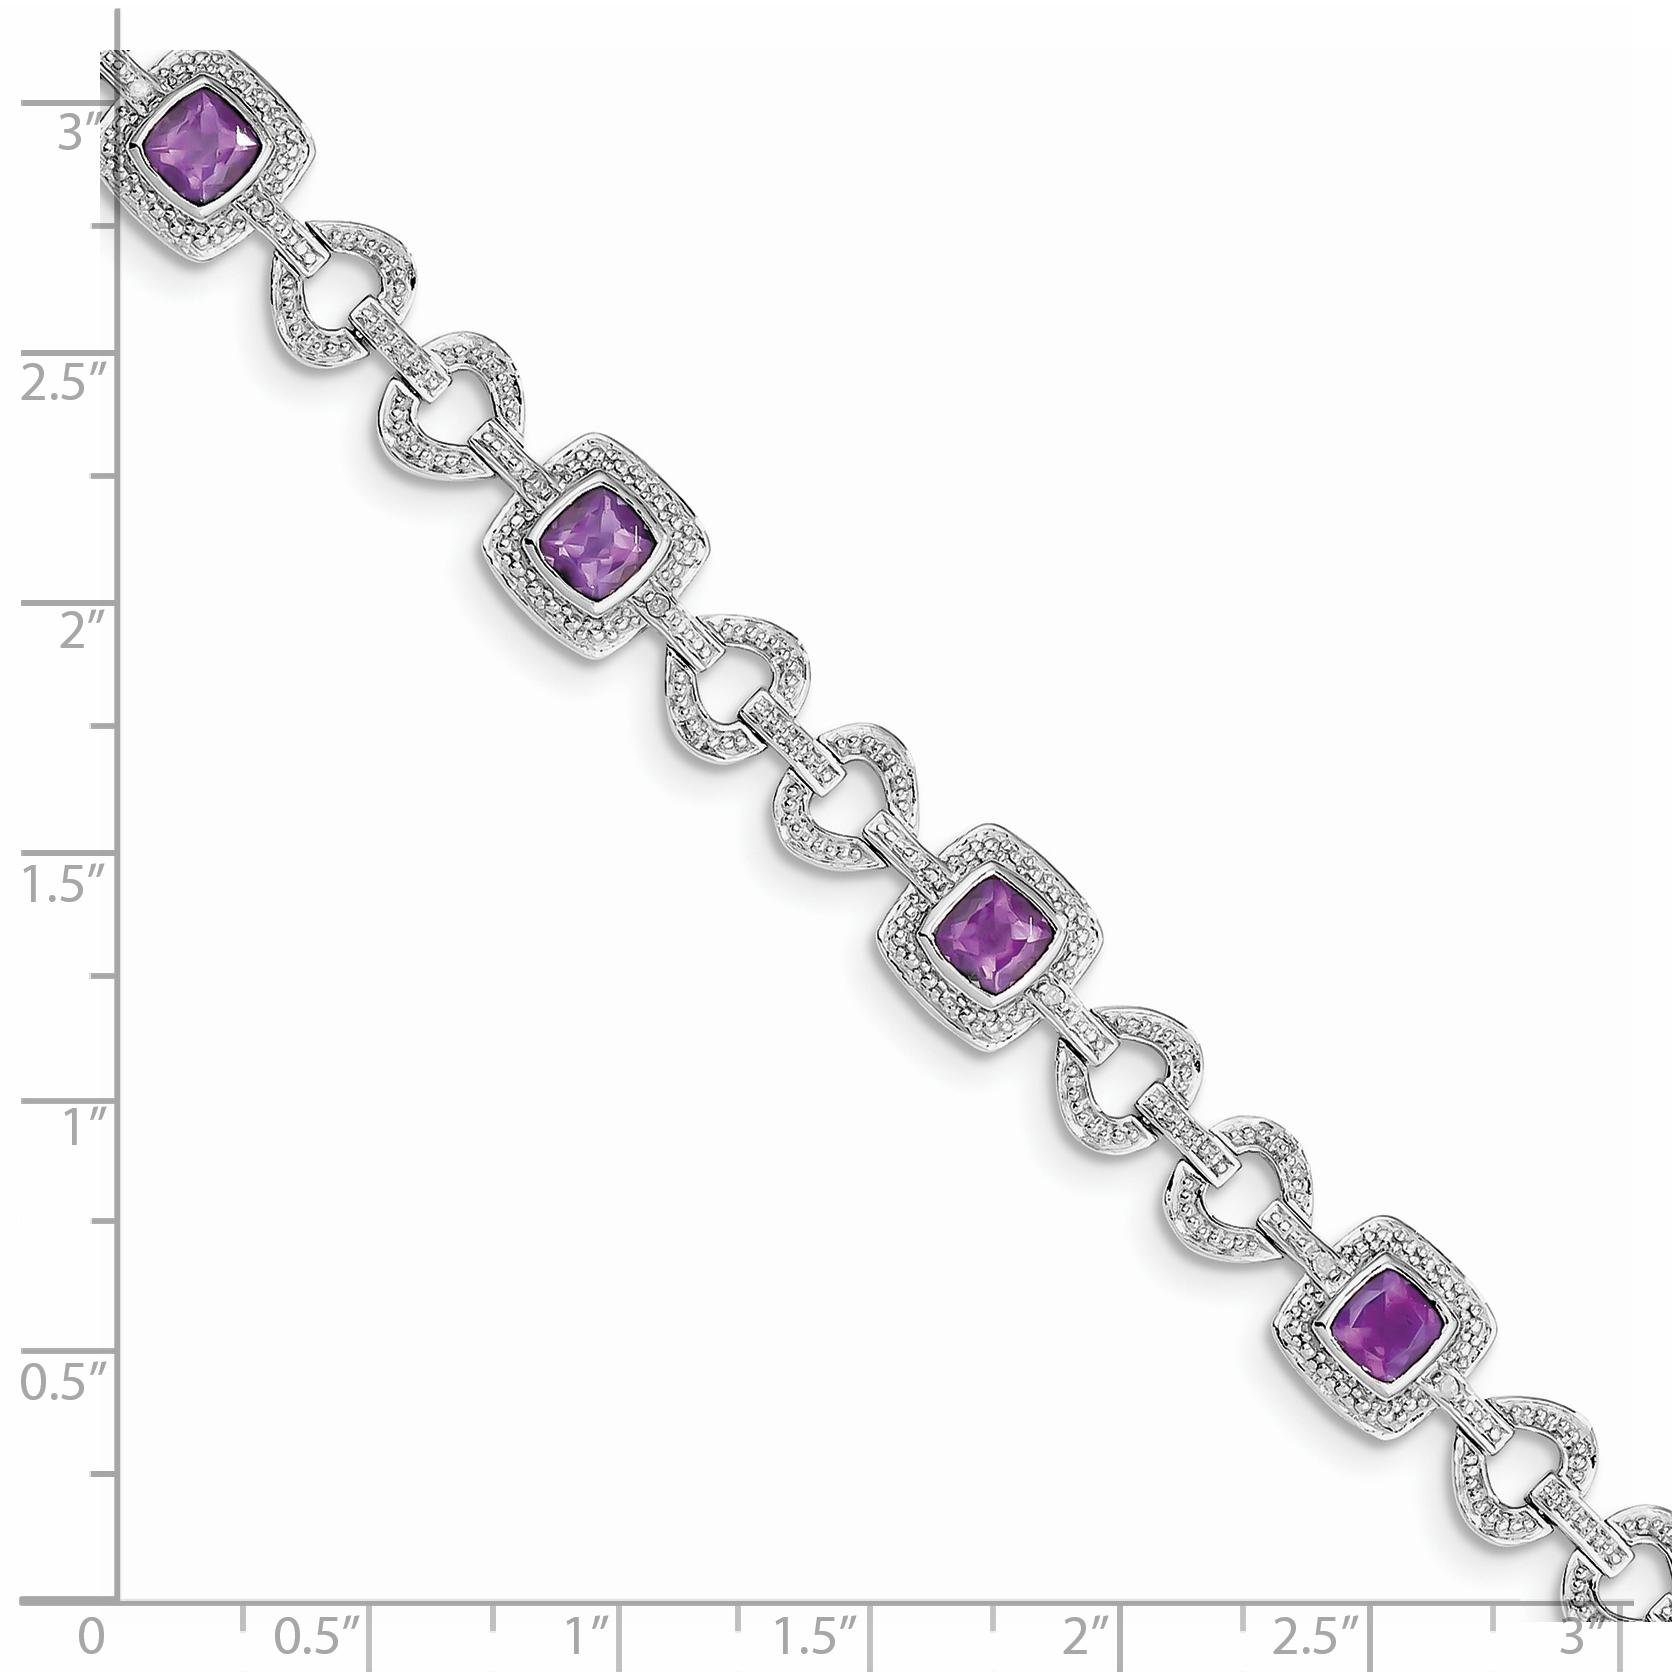 925 Sterling Silver Diamond Purple Amethyst Bracelet 7